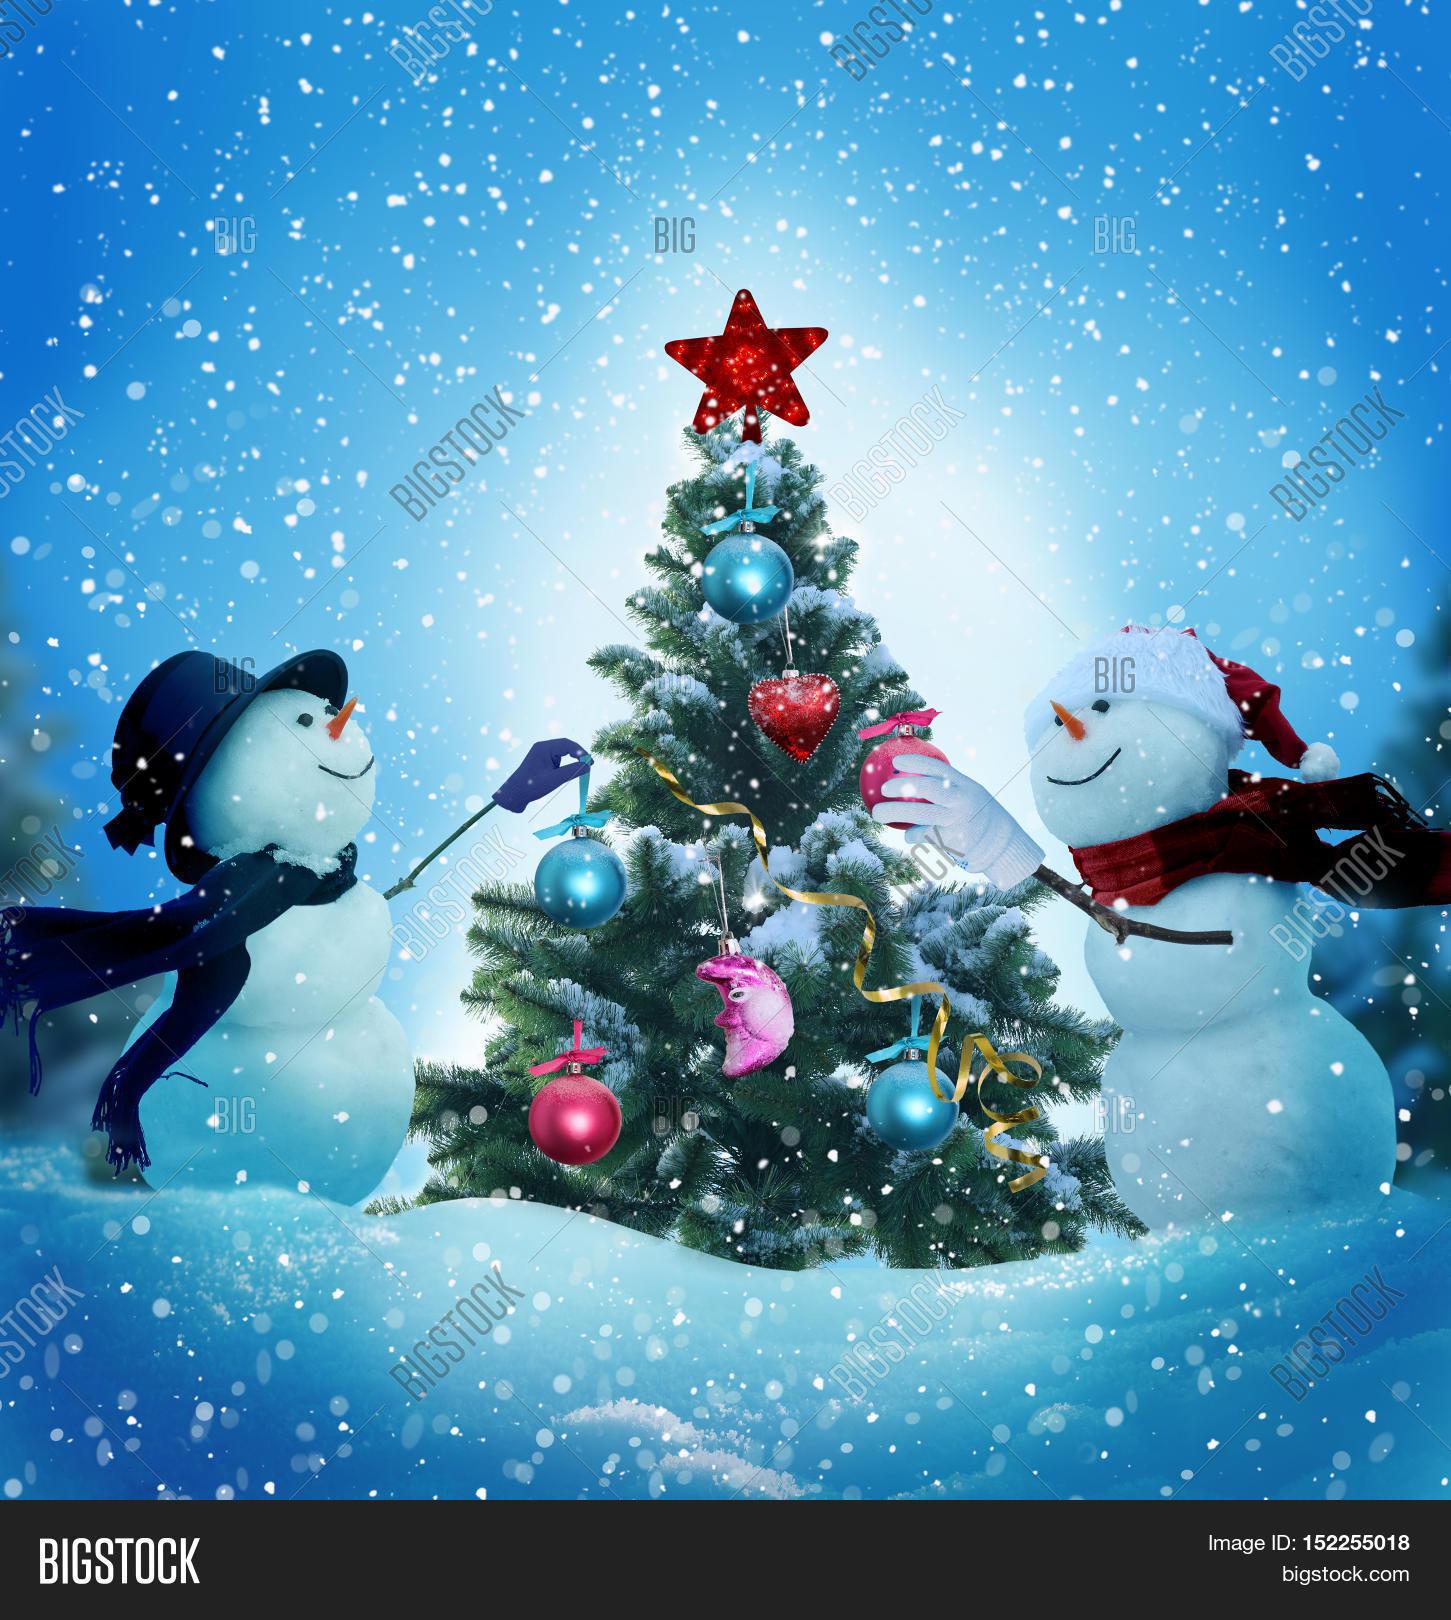 Christmas Tree Merry Christmas: Snowmen Decorating Christmas Tree. Image & Photo